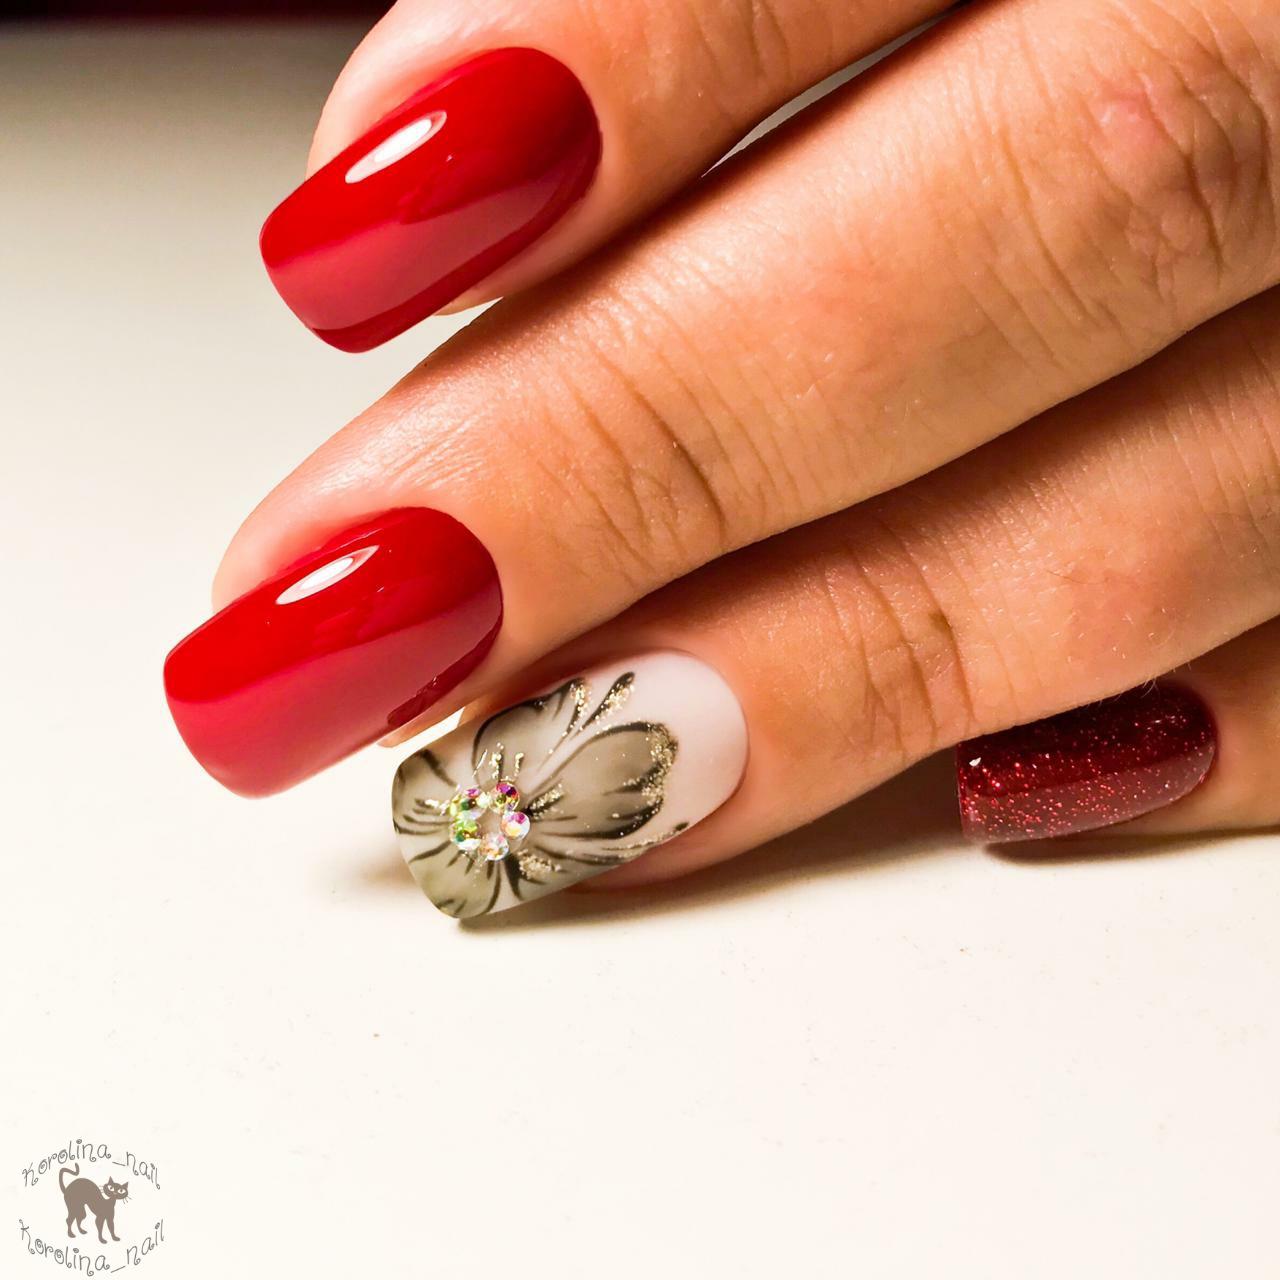 Маникюр с цветочным рисунком, стразами и блестками в бордовом цвете на длинные ногти.